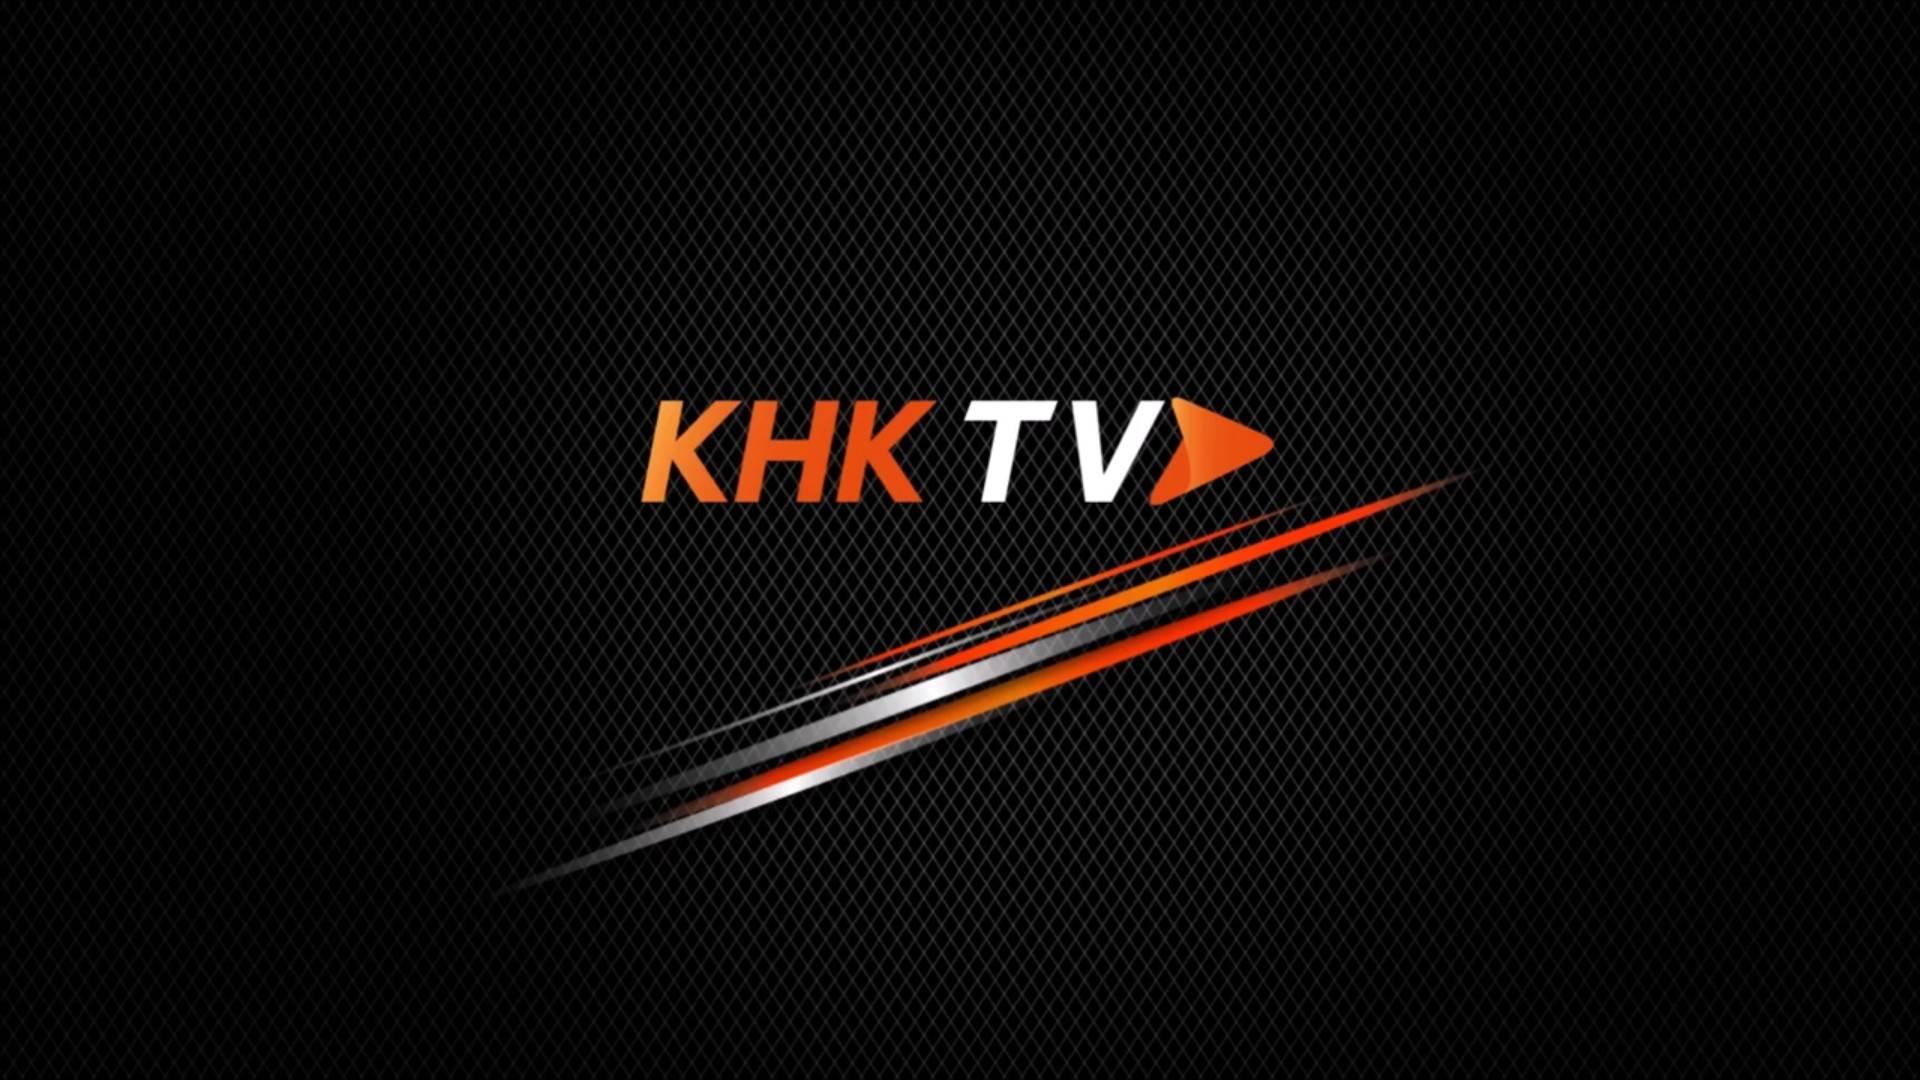 KHKTV: Intervju med Erik Belin om läget